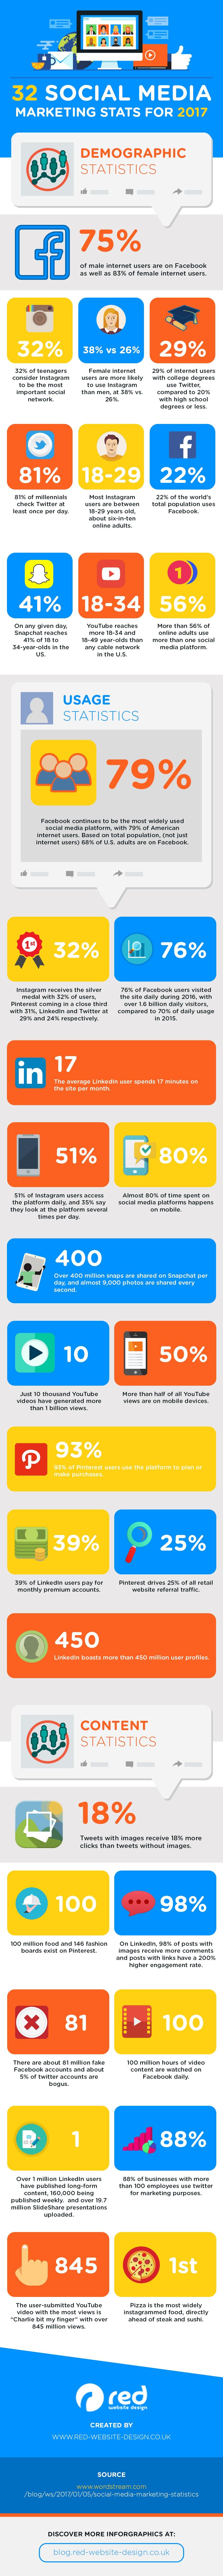 Infographie : 32 statistiques marketing sur les réseaux sociaux à savoir en 2017